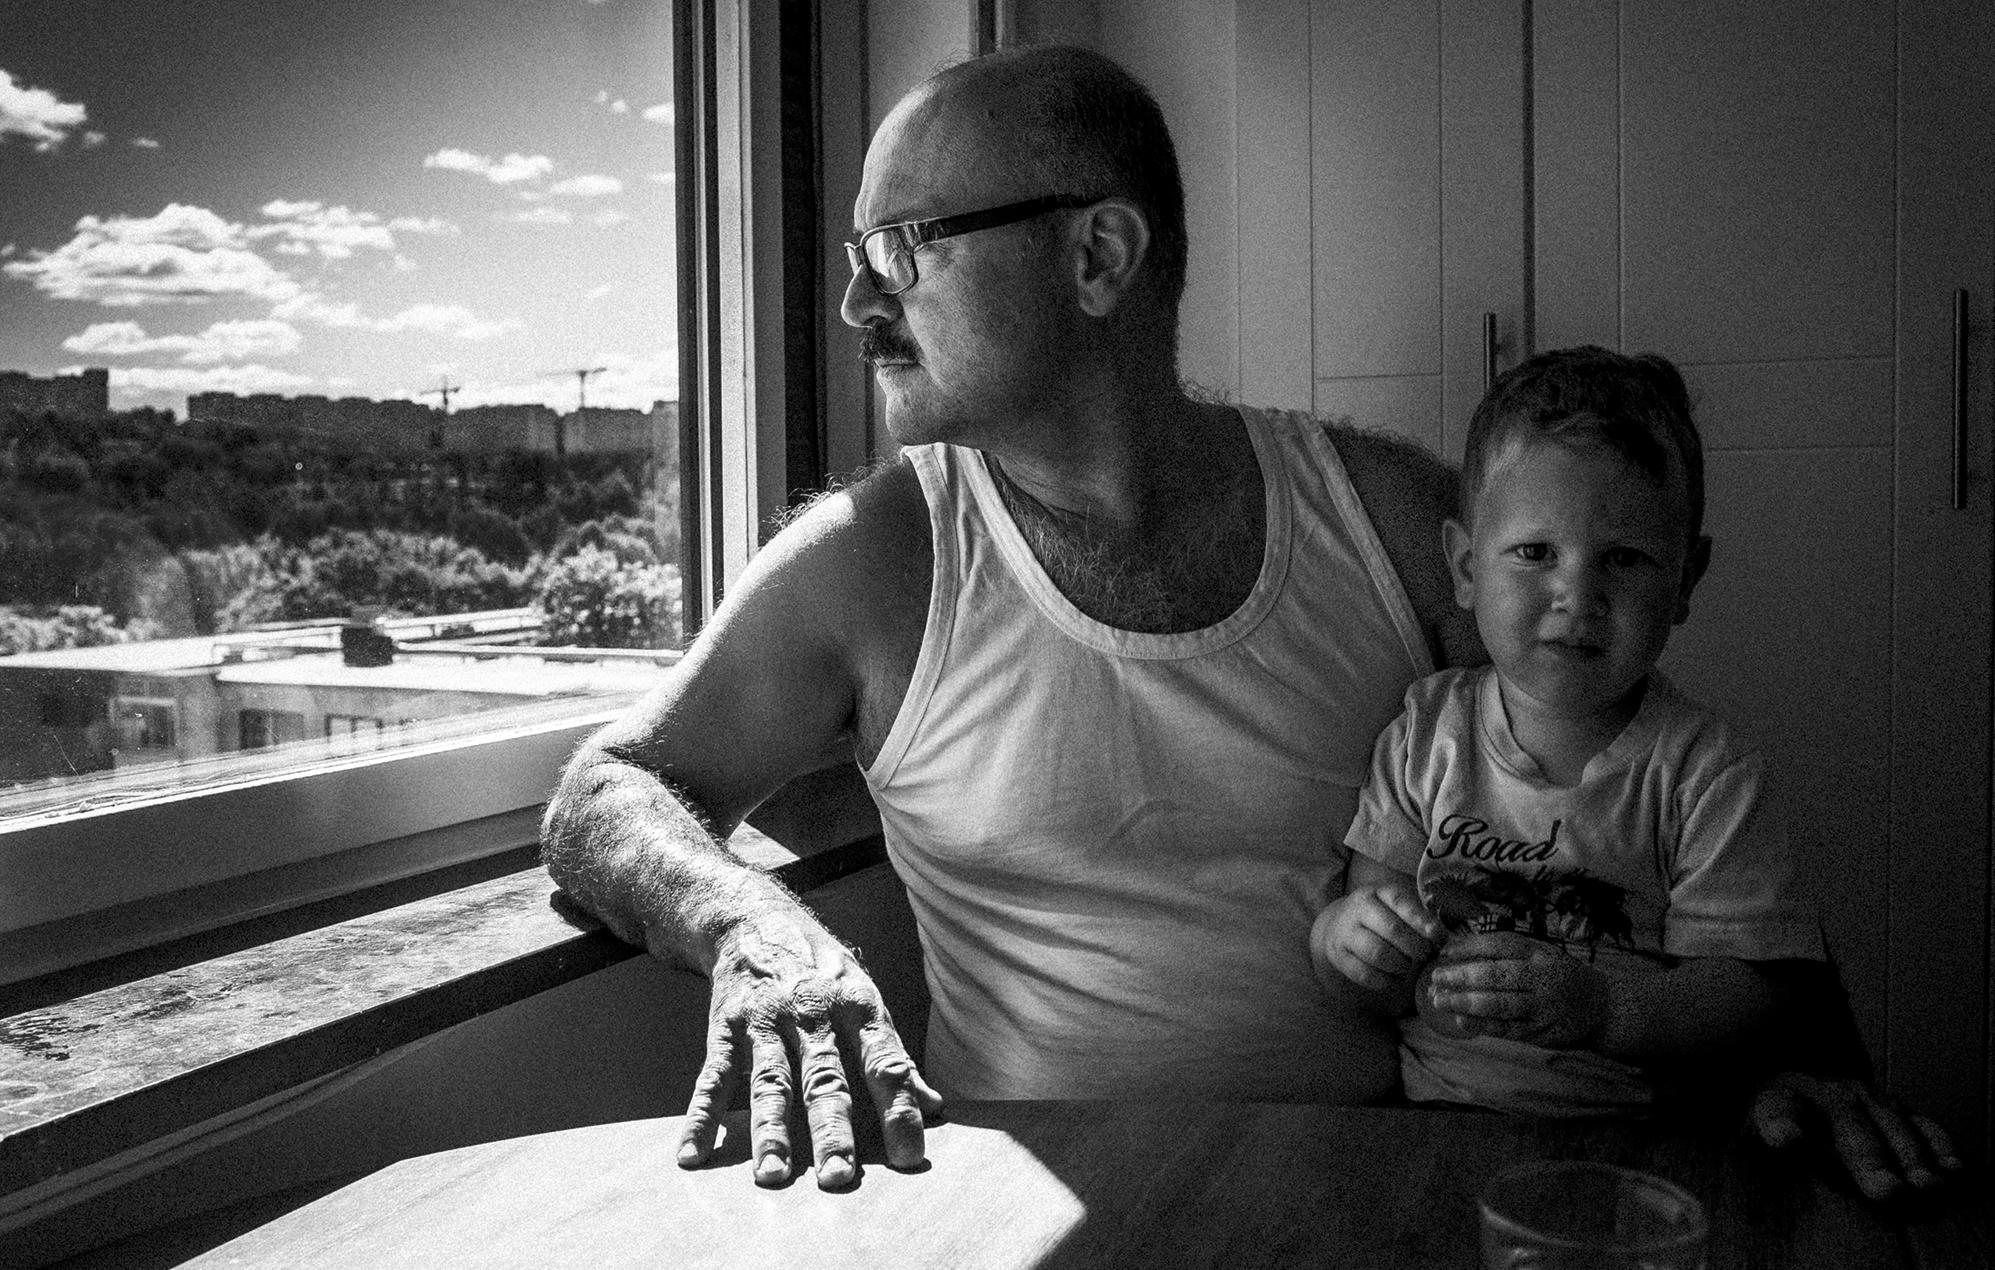 Hemma hos fotografen i corona-karantän: Ricard Estay